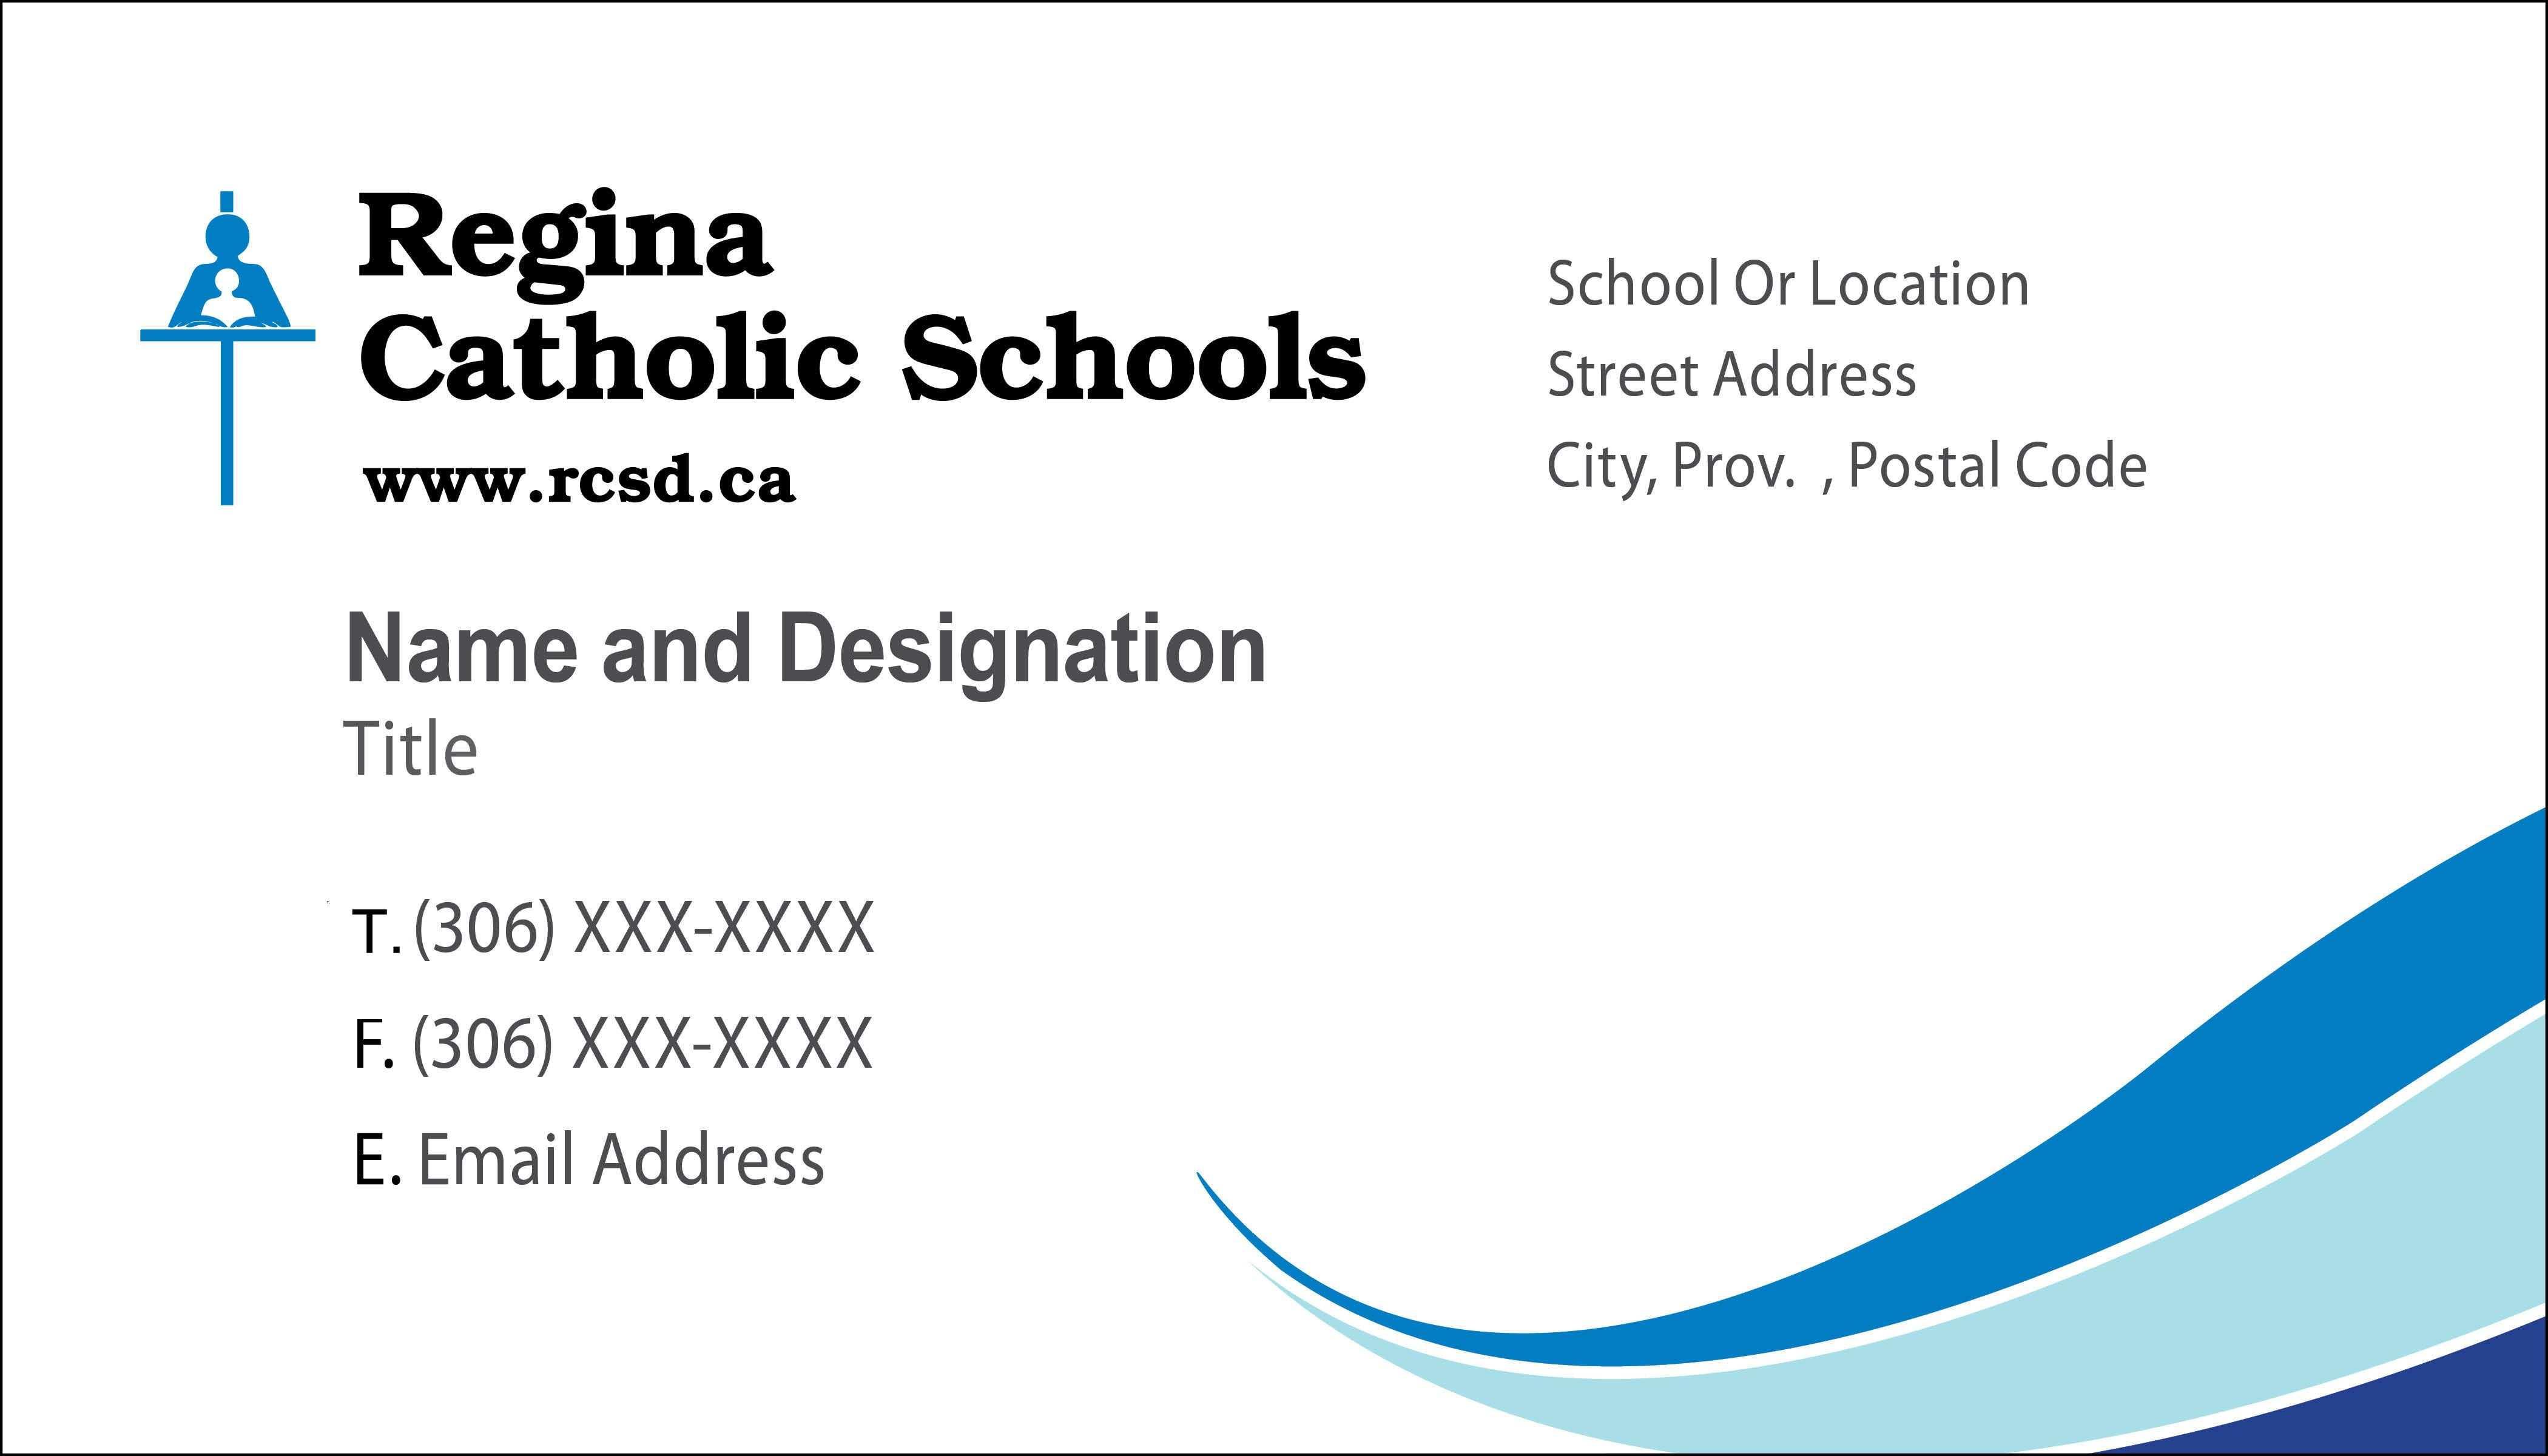 Elegante Format Einer Visitenkarte In Outlook Mit Inspirierenden Bild Navy High Definition Creative Design 1 Visiten Visitenkarten Visitenkarten Design Karten